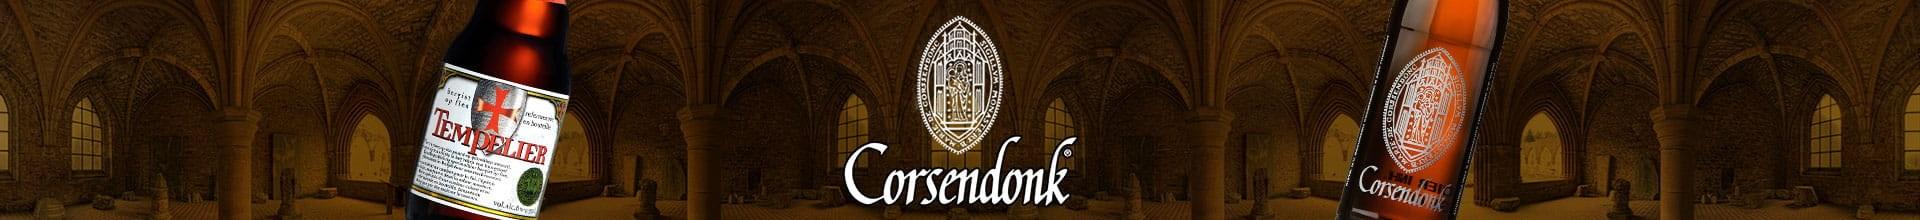 Banner Cervejaria Corsendonk